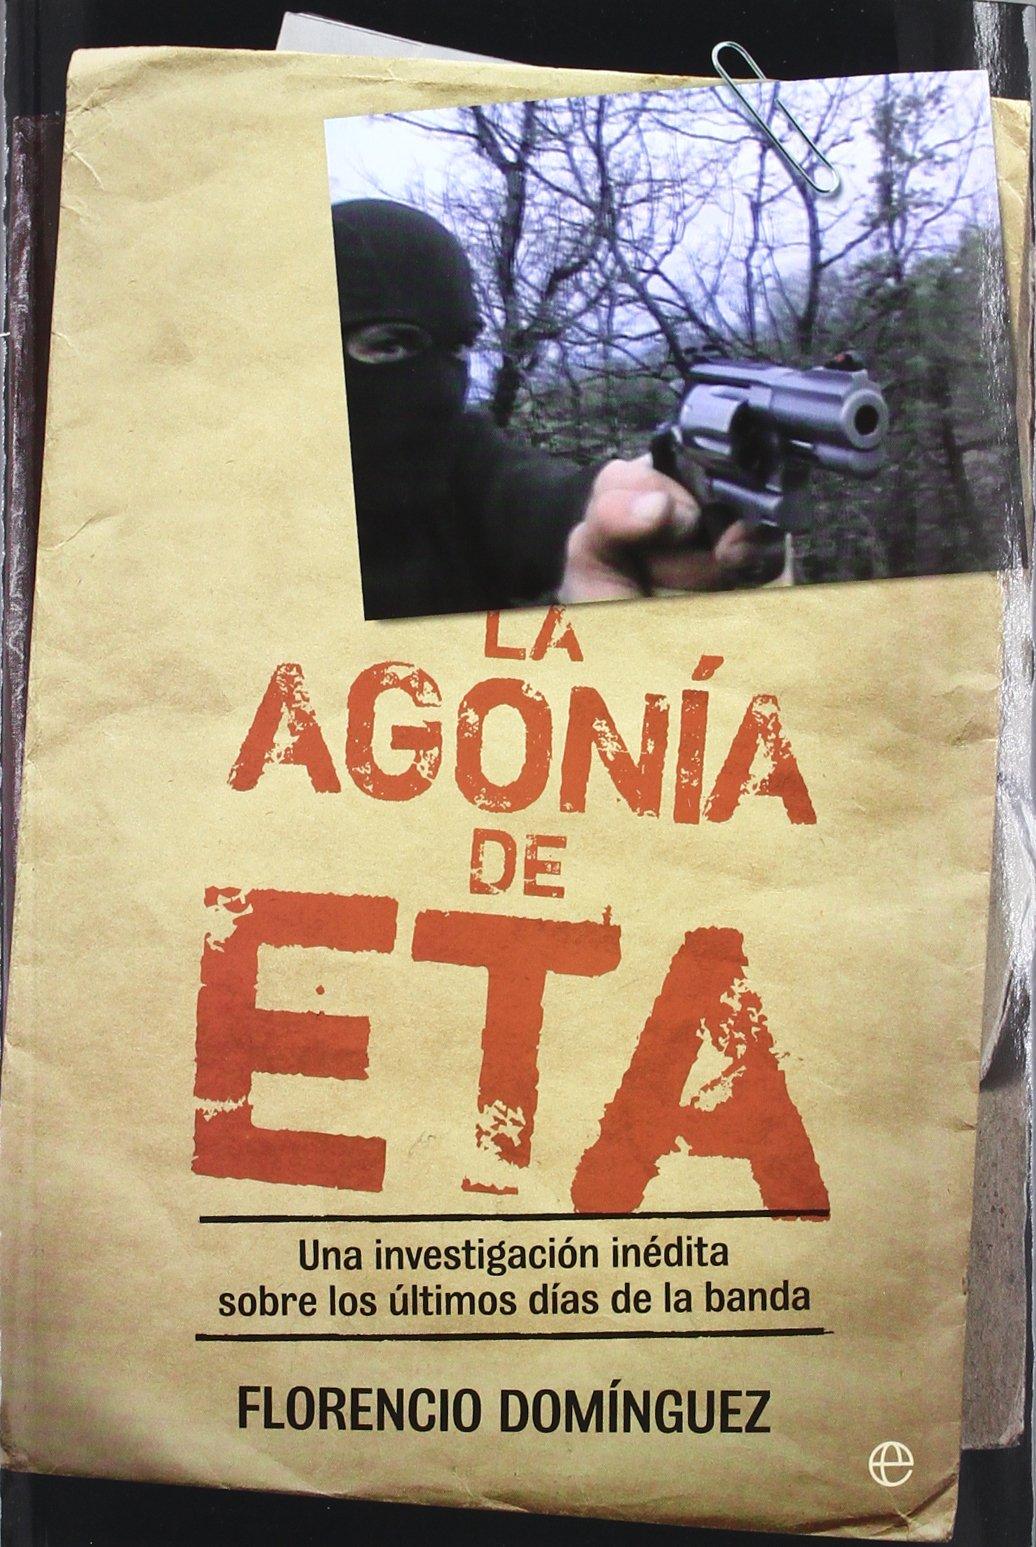 La agonía de ETA : una investigación inédita sobre los últimos días de la banda (Actualidad (esfera))